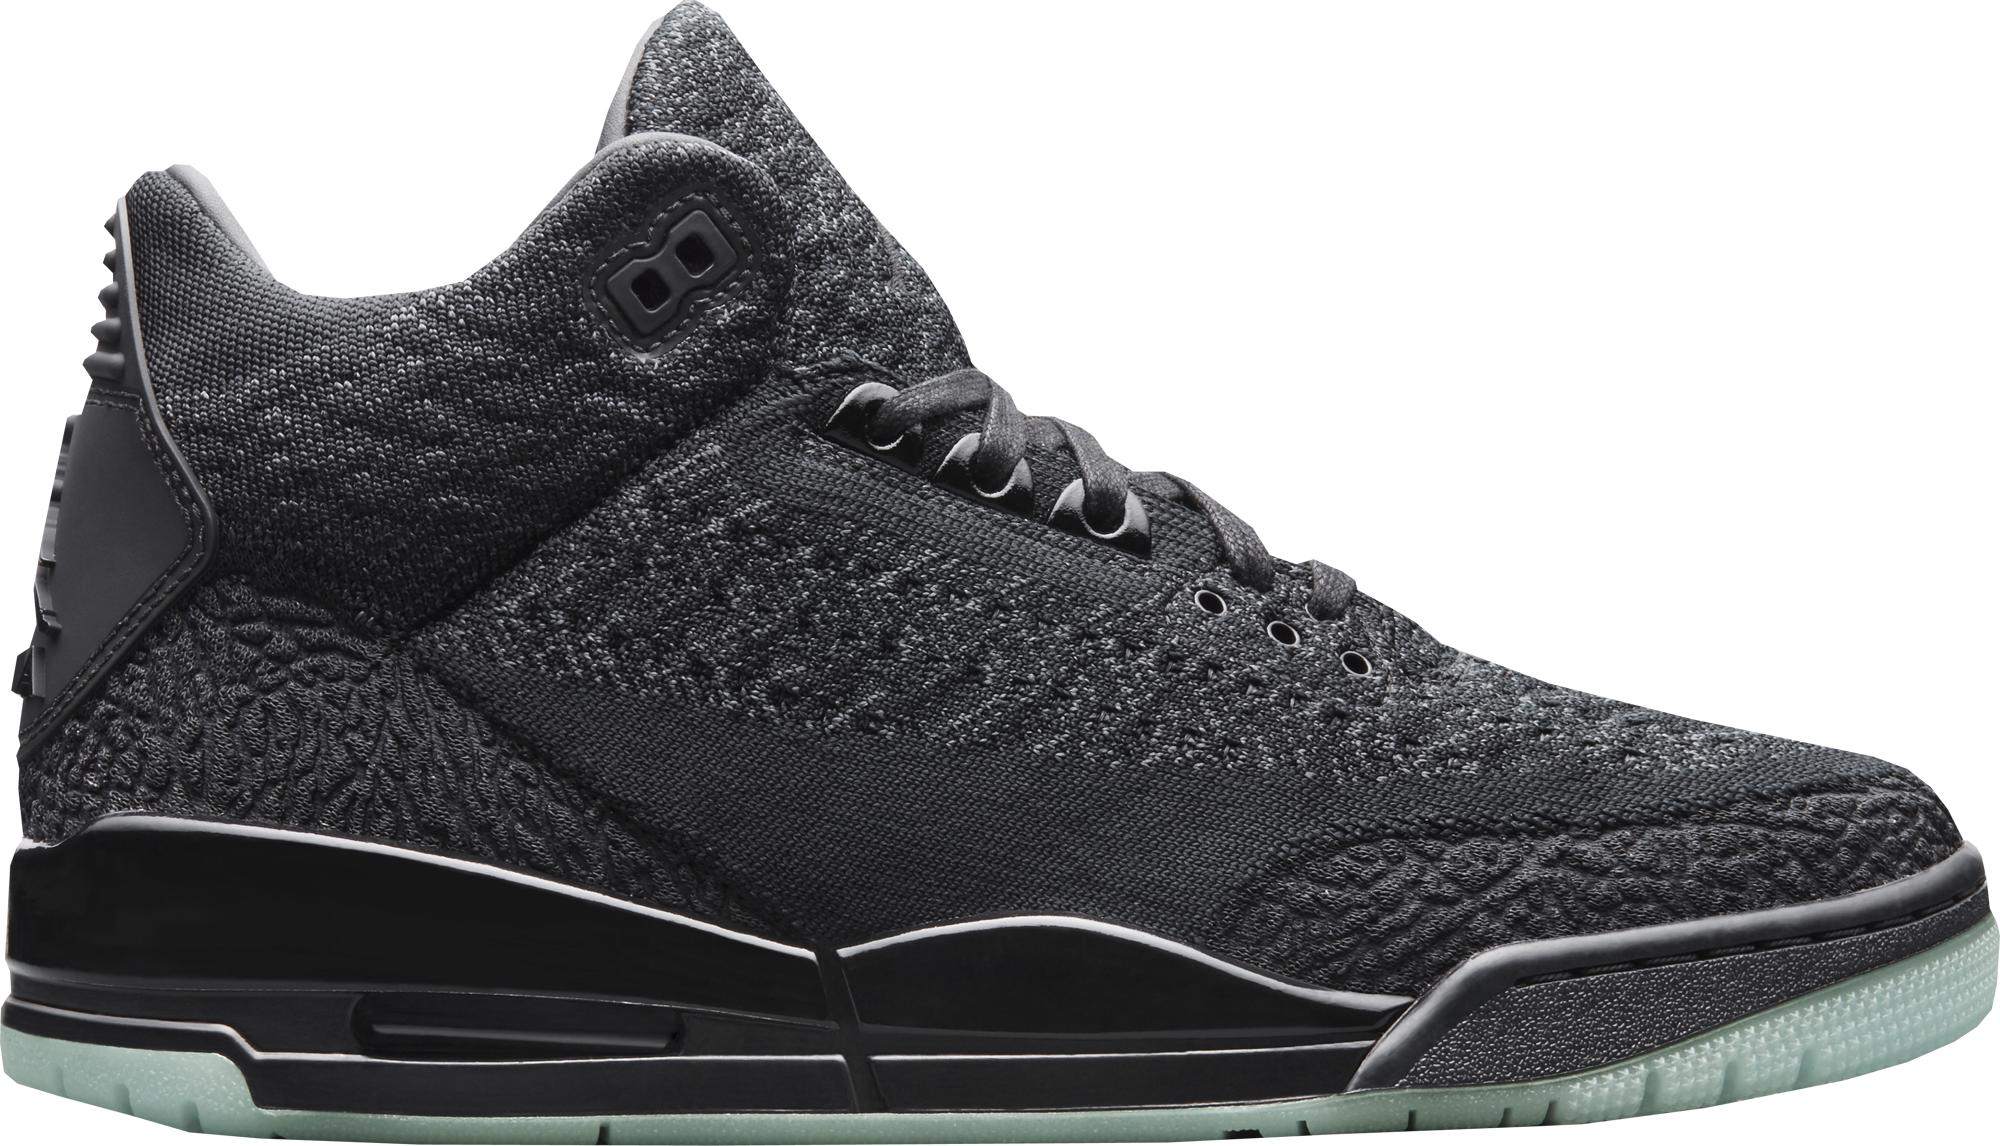 42093c6d463c Air Jordan 3 Flyknit Black